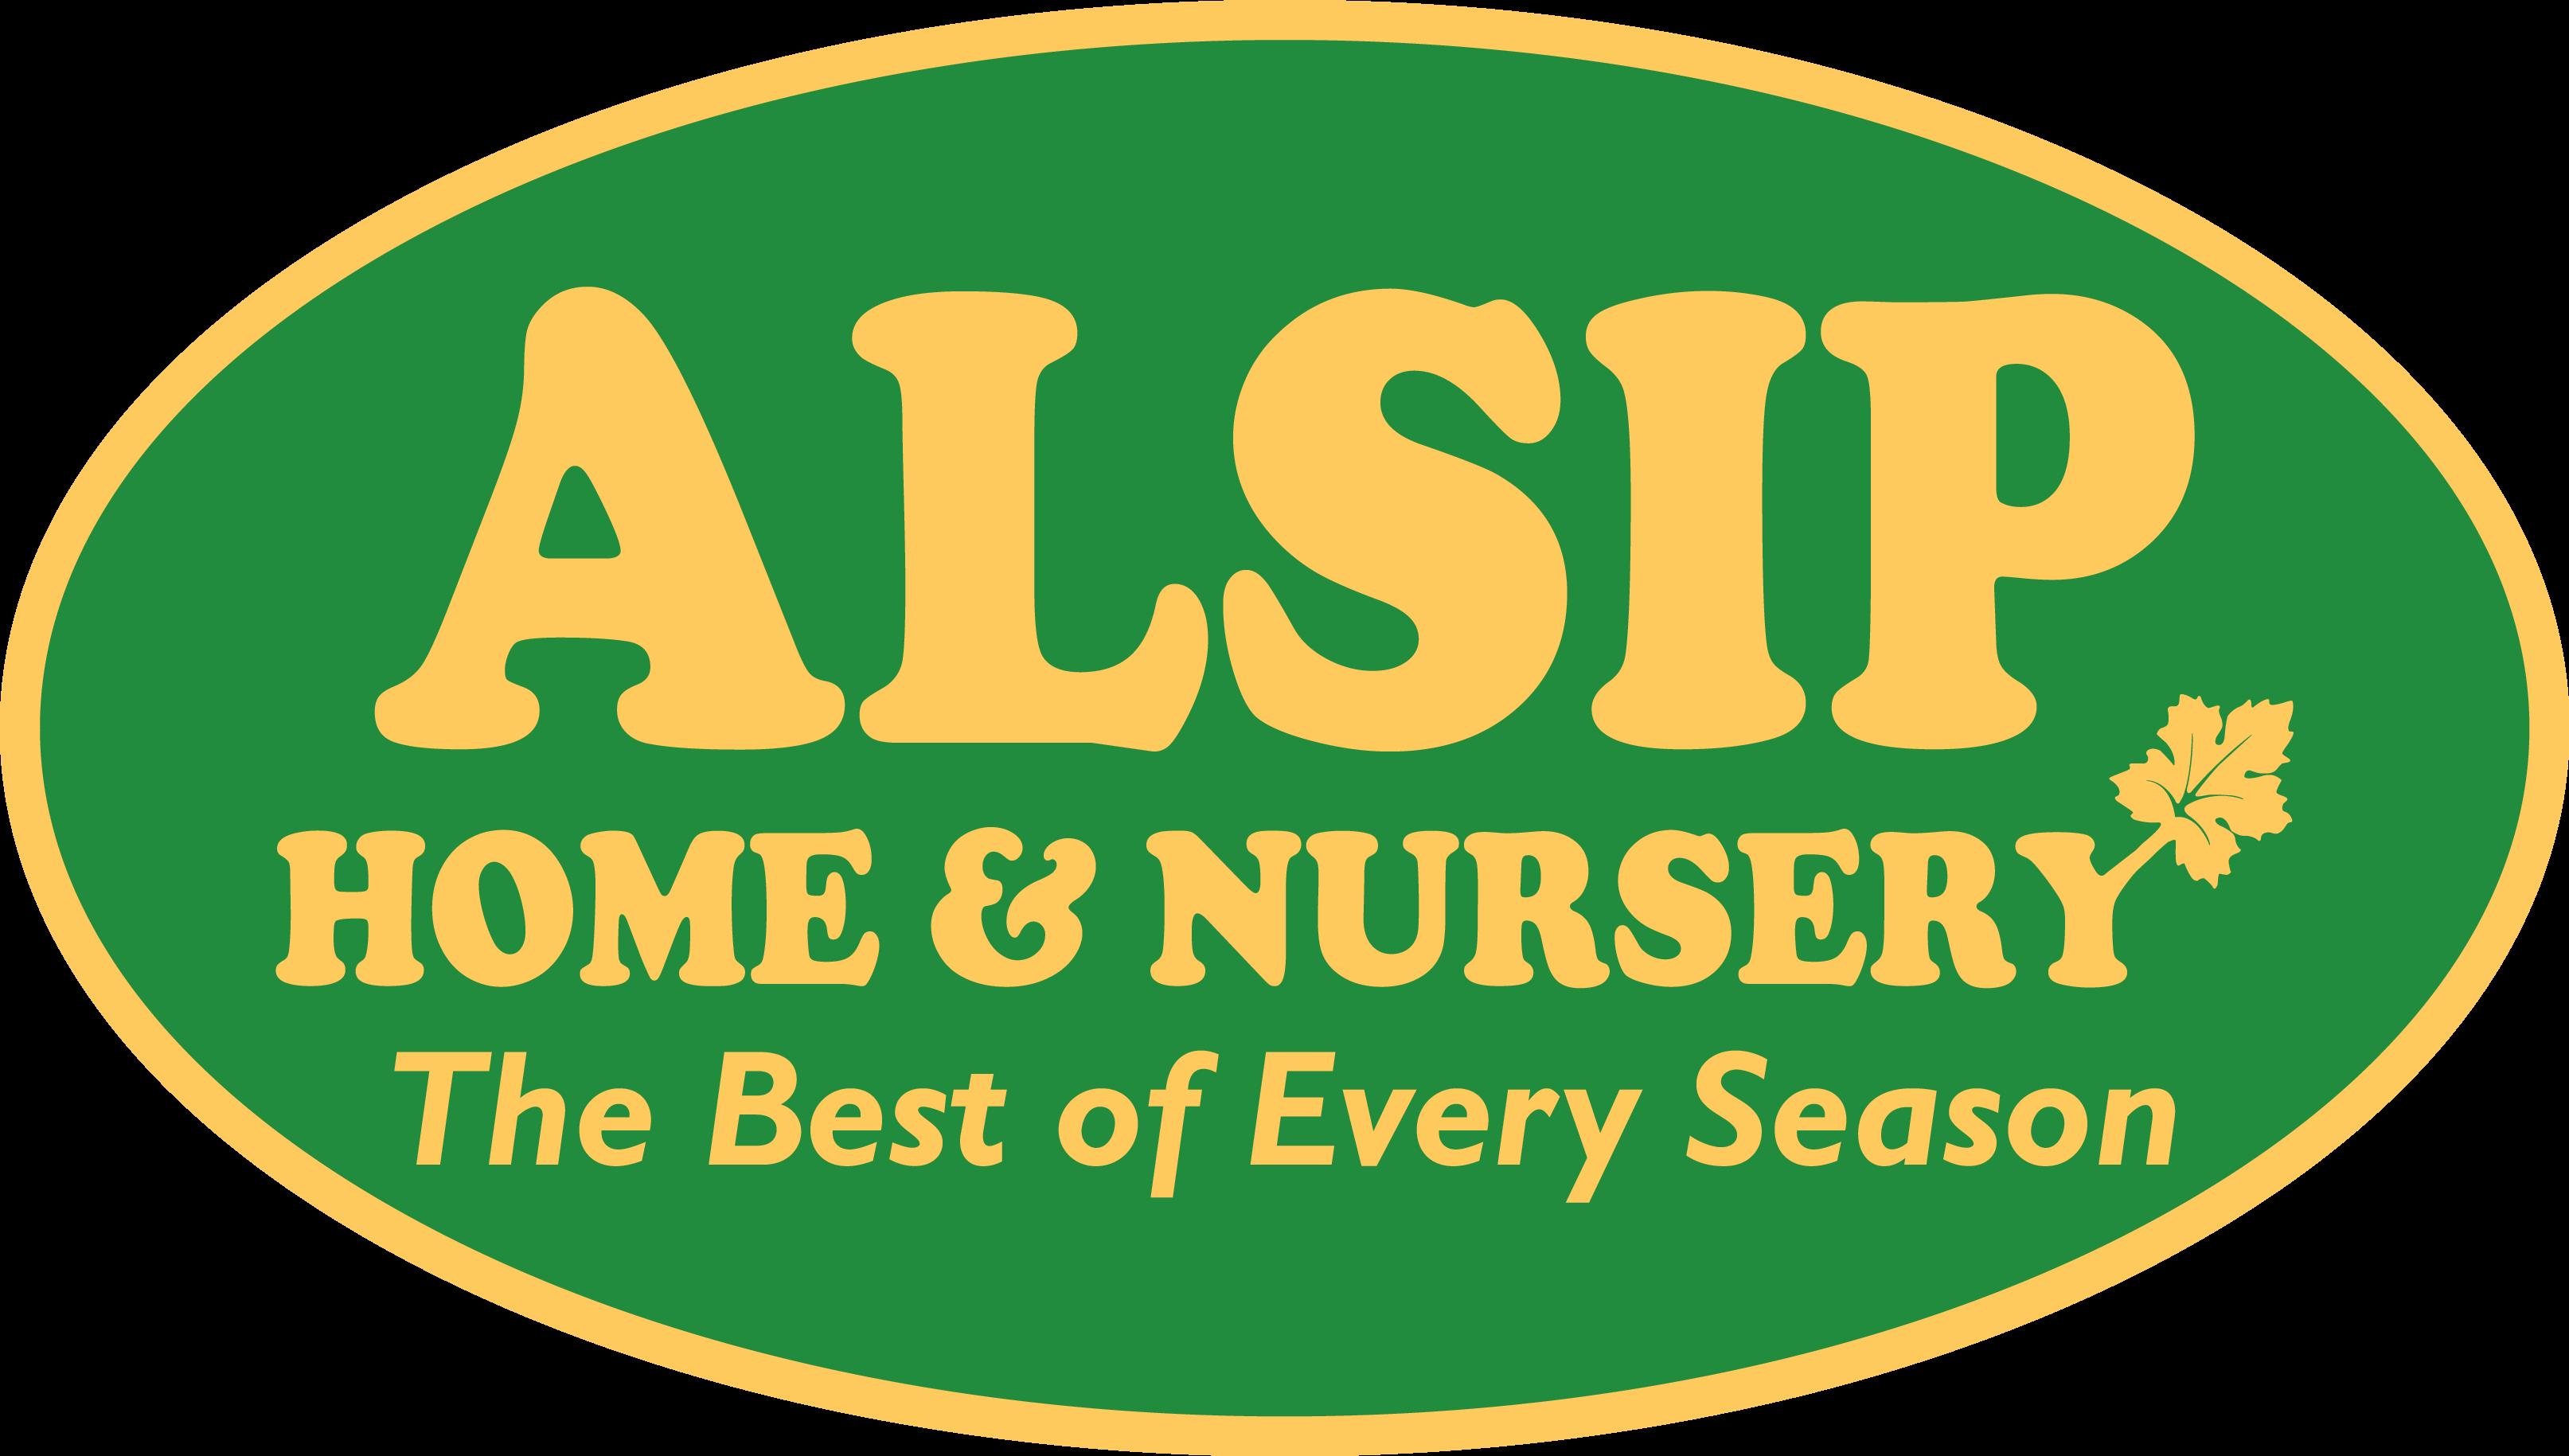 Home Alsip Nursery Northwest Indiana Chicagoland Garden Center In St John Frankfort Il